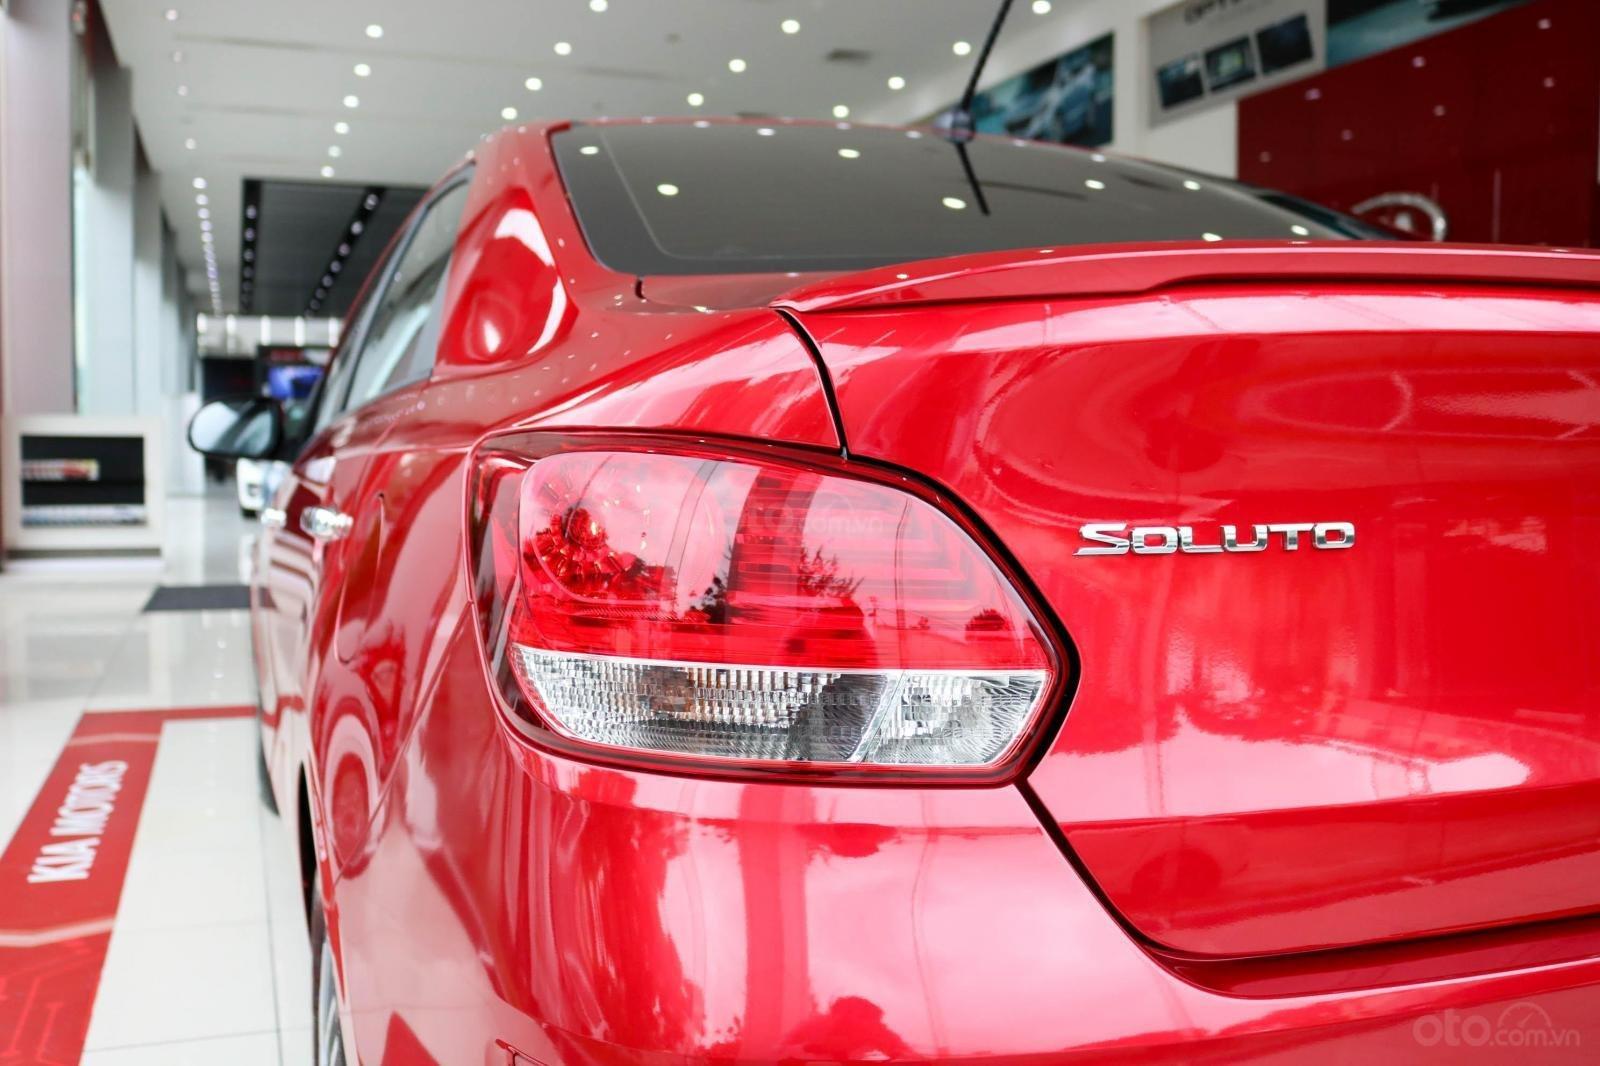 New Kia Soluto 2019 giảm giá 10 triệu tiền mặt, có hỗ trợ vay ngân hàng đến 80%, hotline: 0522986497 (15)